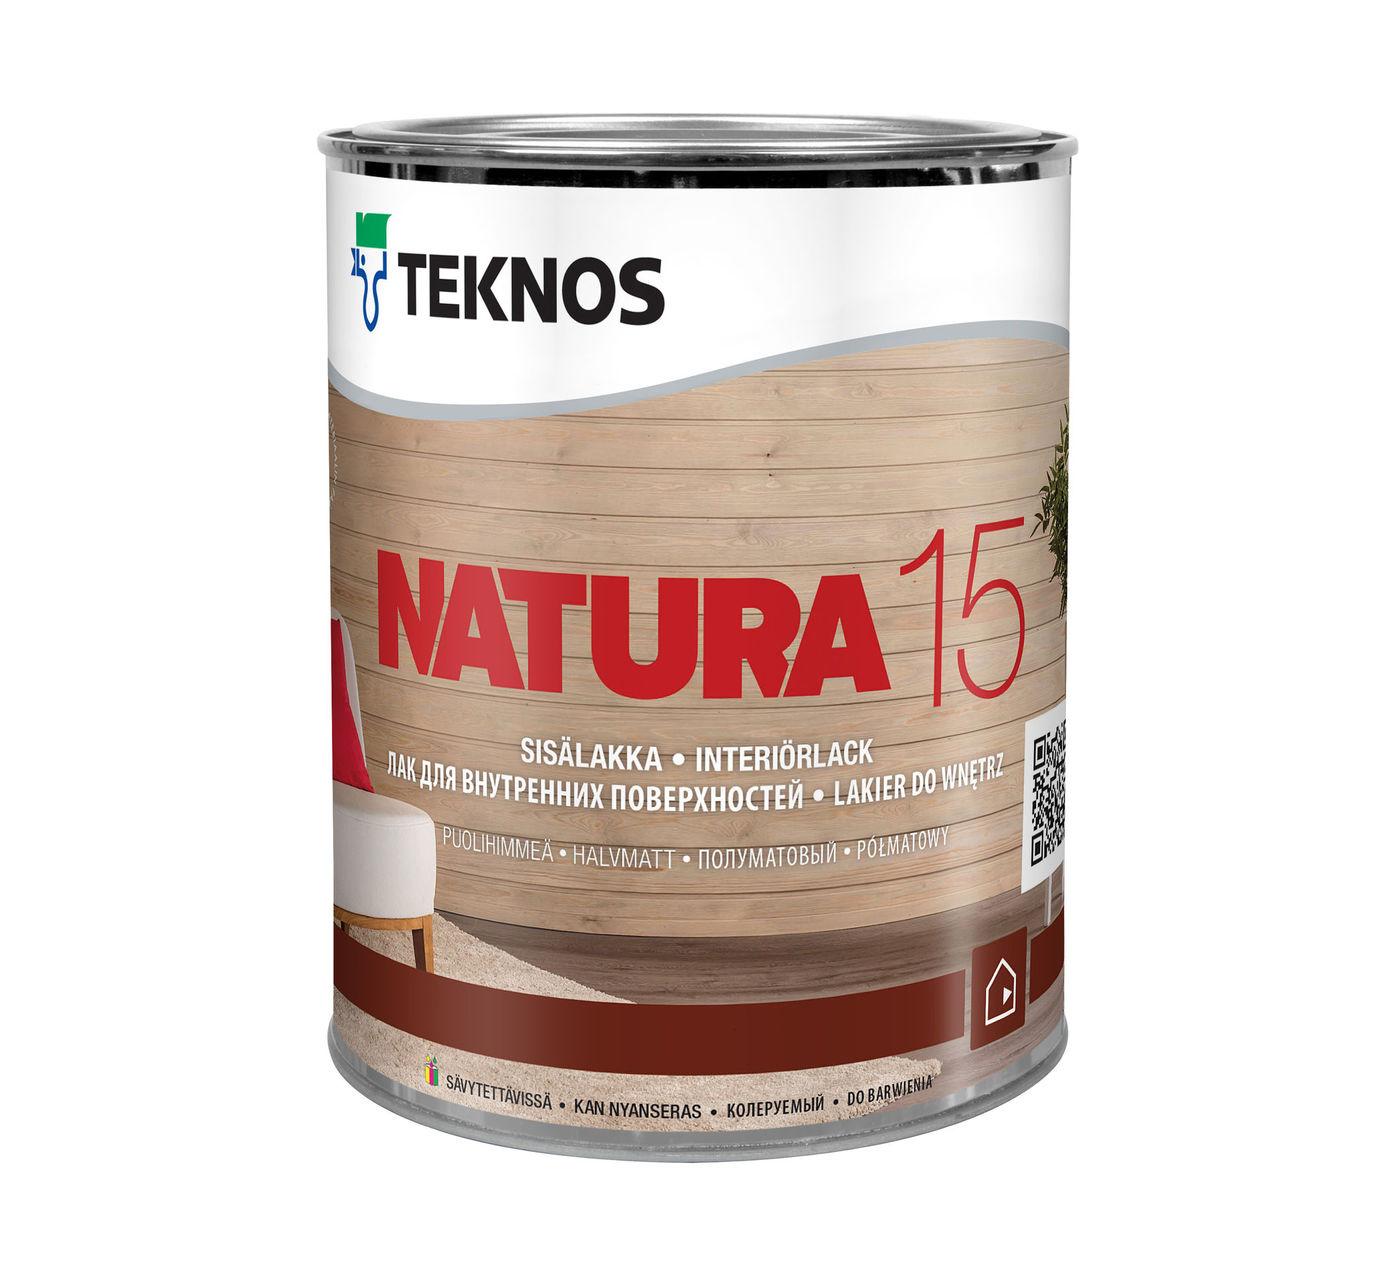 NATURA 15 полуматовый лак для внутренних поверхностей